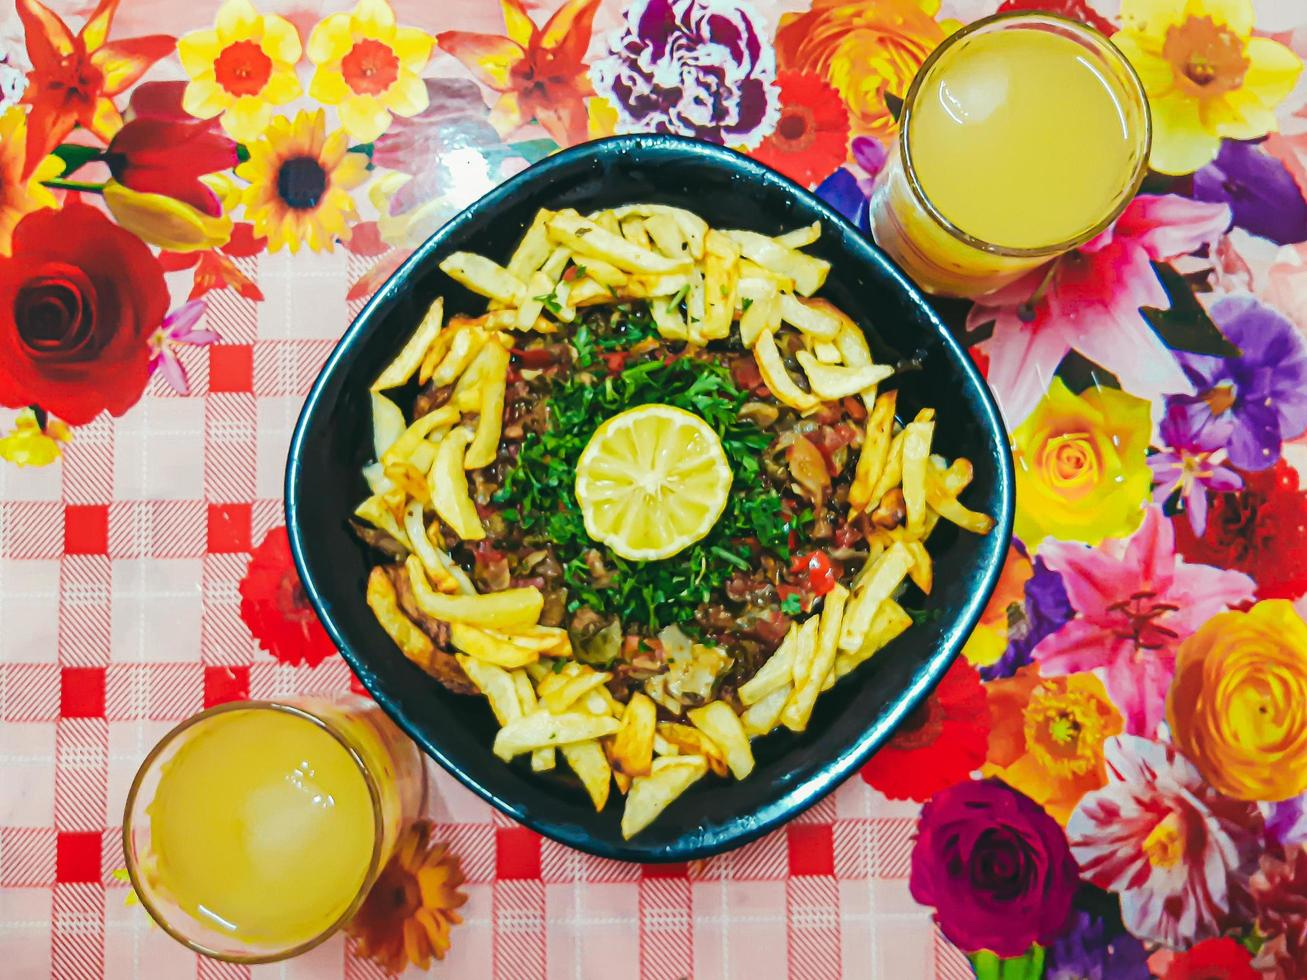 frites ou frites de pommes de terre à la crème sure photo